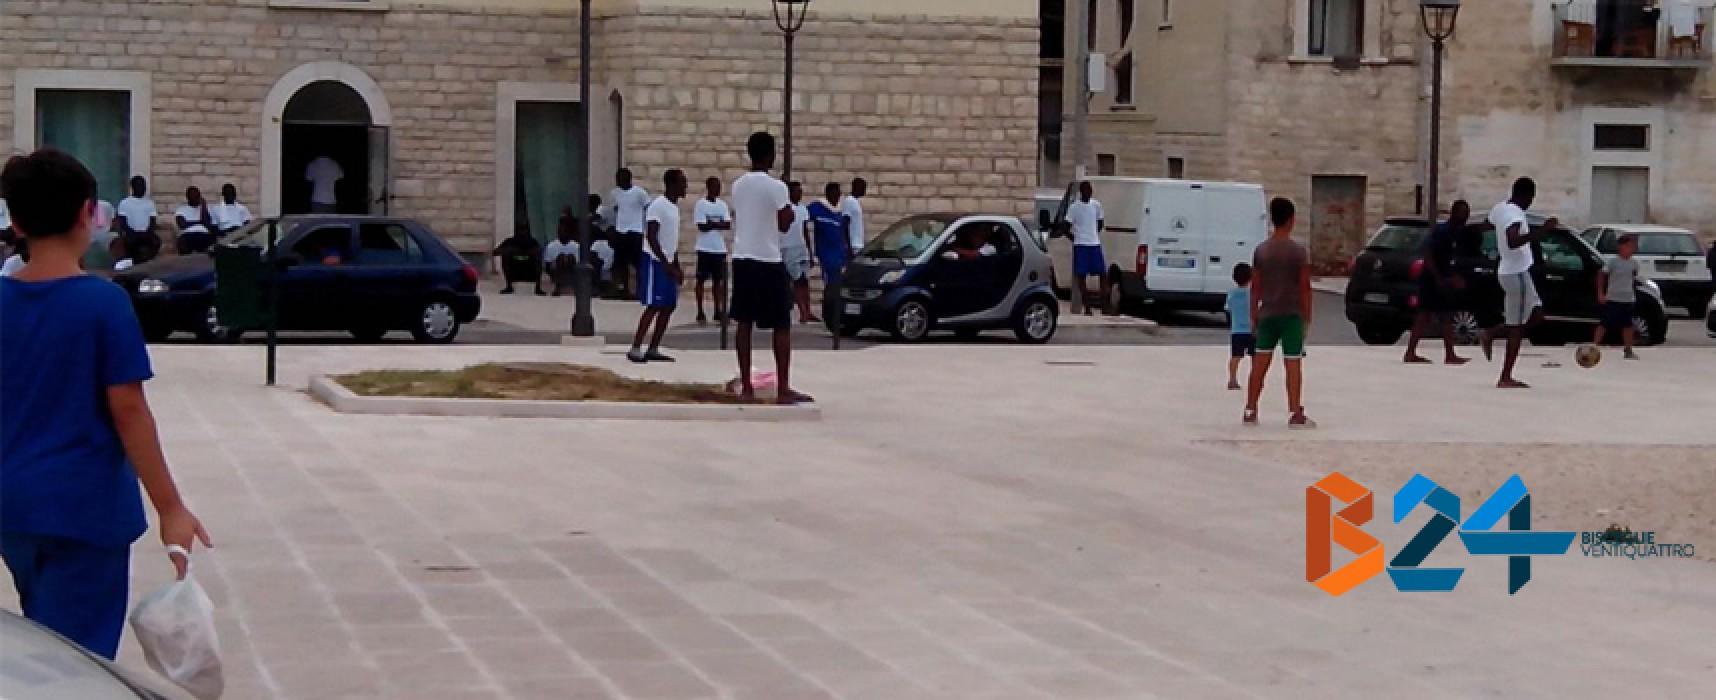 Dopo le espulsioni dei giorni scorsi arrivano otto richiedenti asilo al centro di Largo Castello